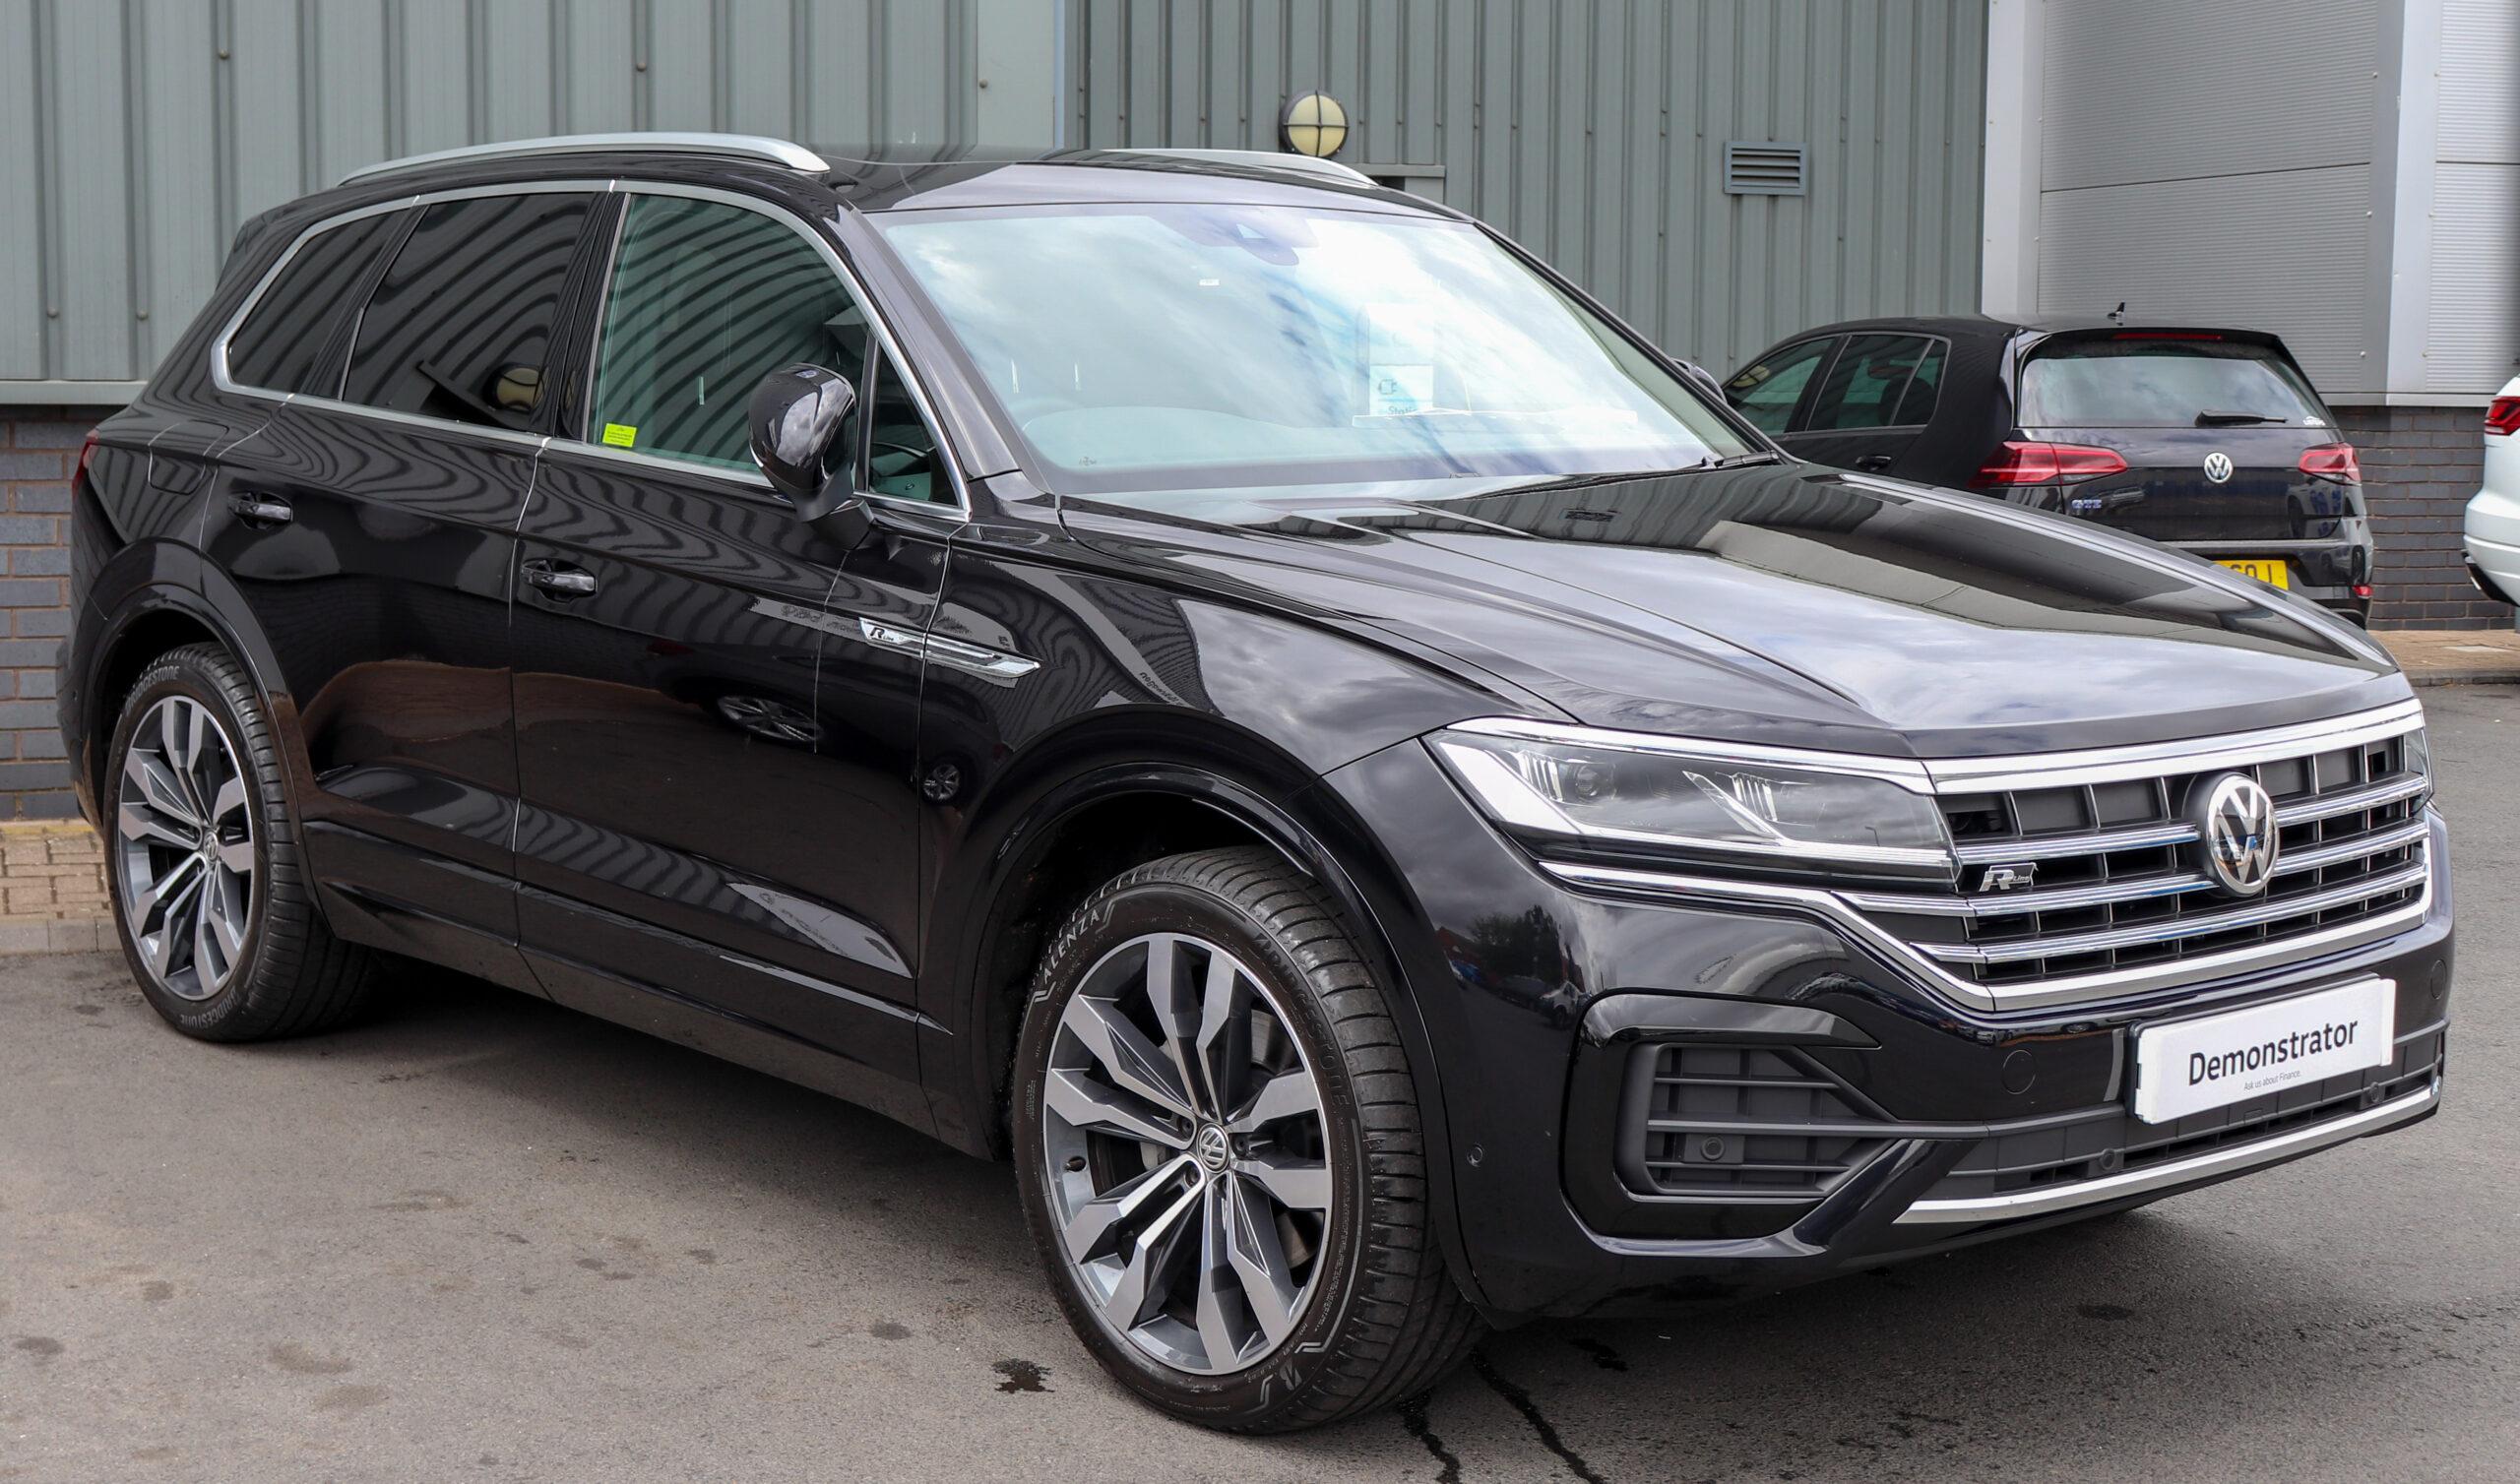 Povinné ručení pro Volkswagen Touareg: srovnání